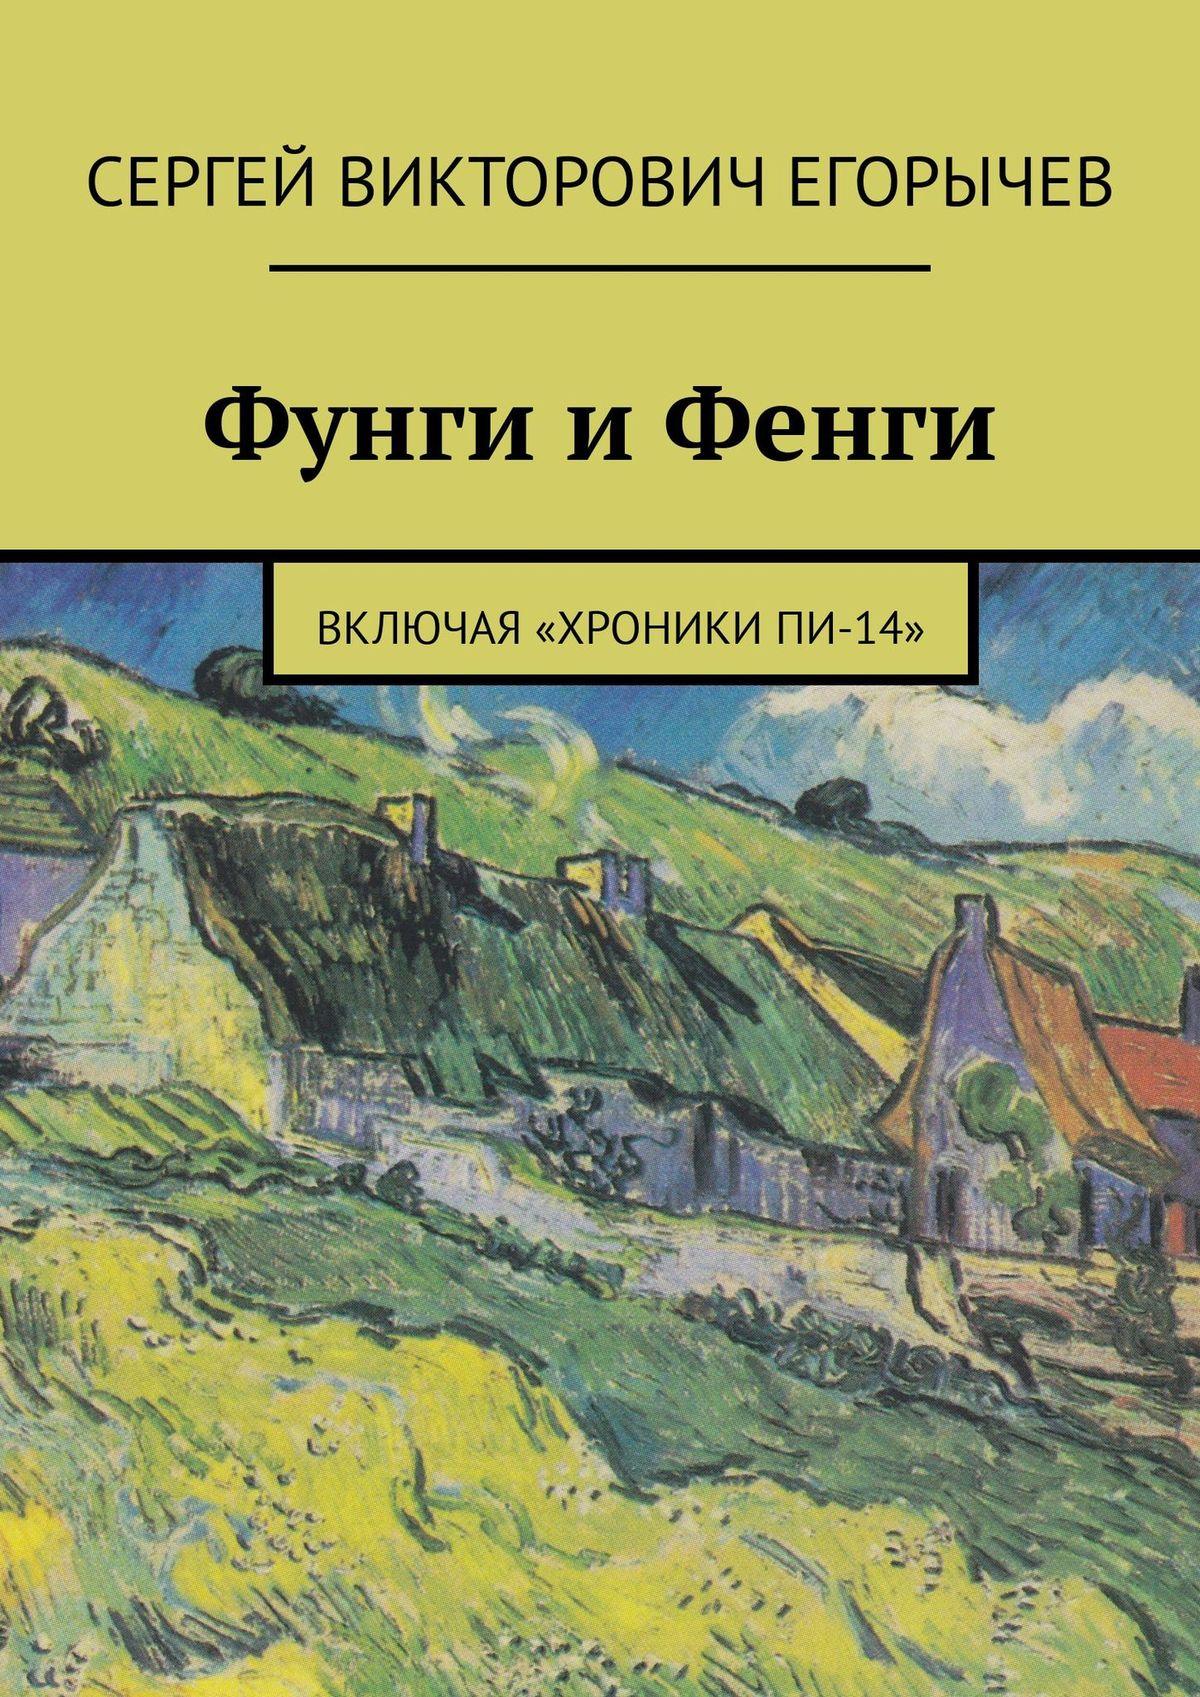 Сергей Викторович Егорычев Фунги и Фенги. Включая «Хроники Пи-14»